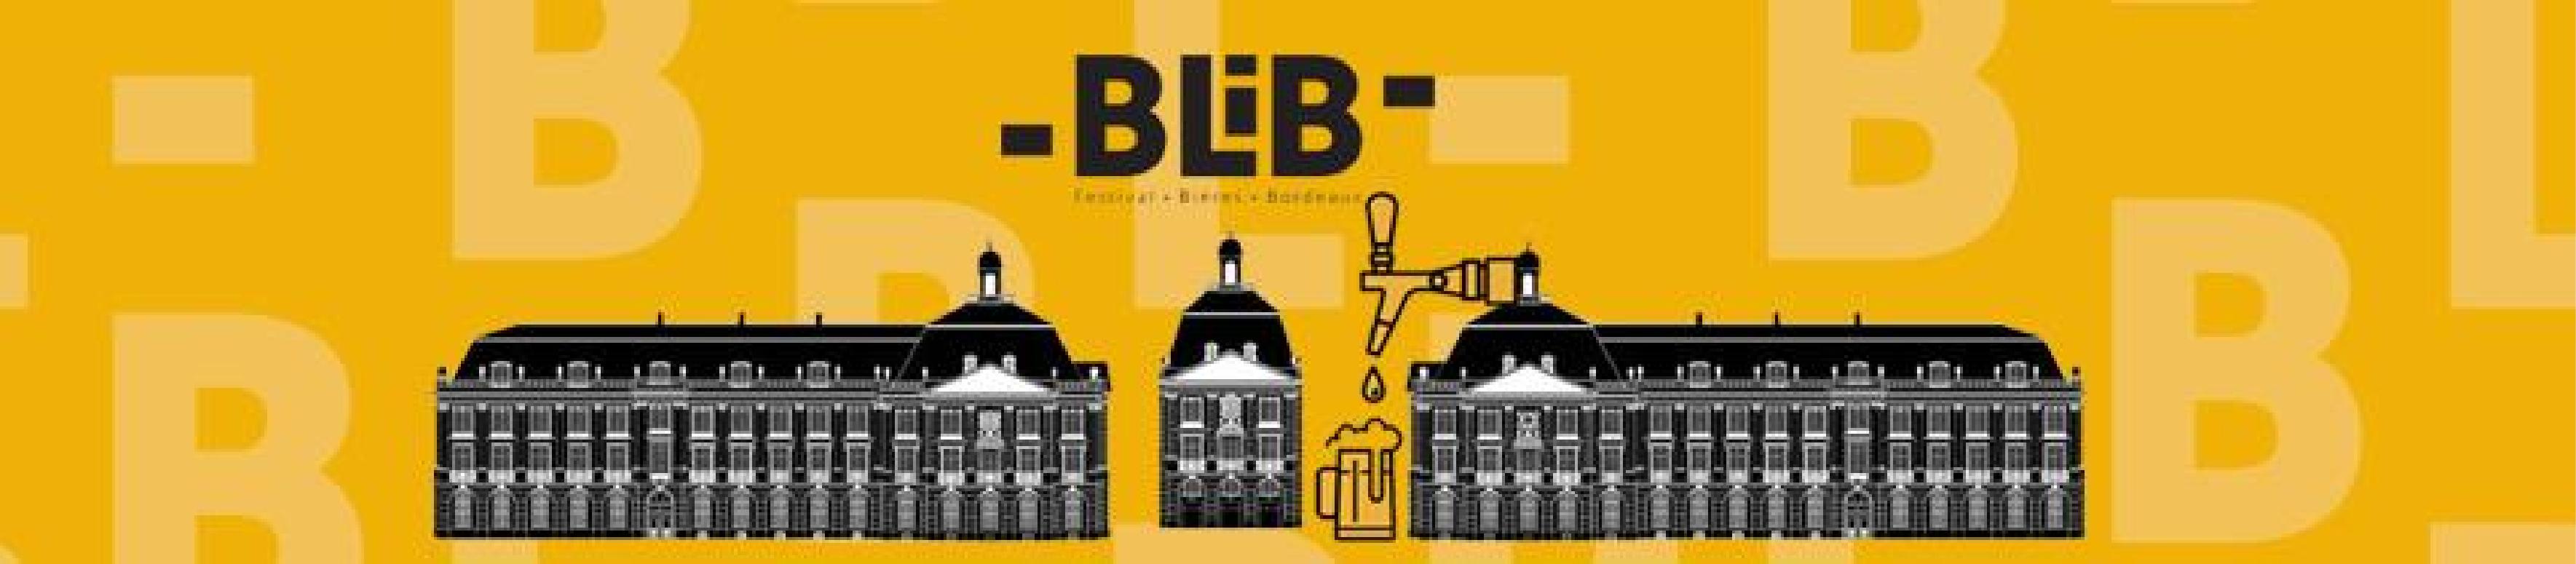 Les bons Plans à Bordeaux vous offrent vos entrées pour le Grand Final du Festival BLIB